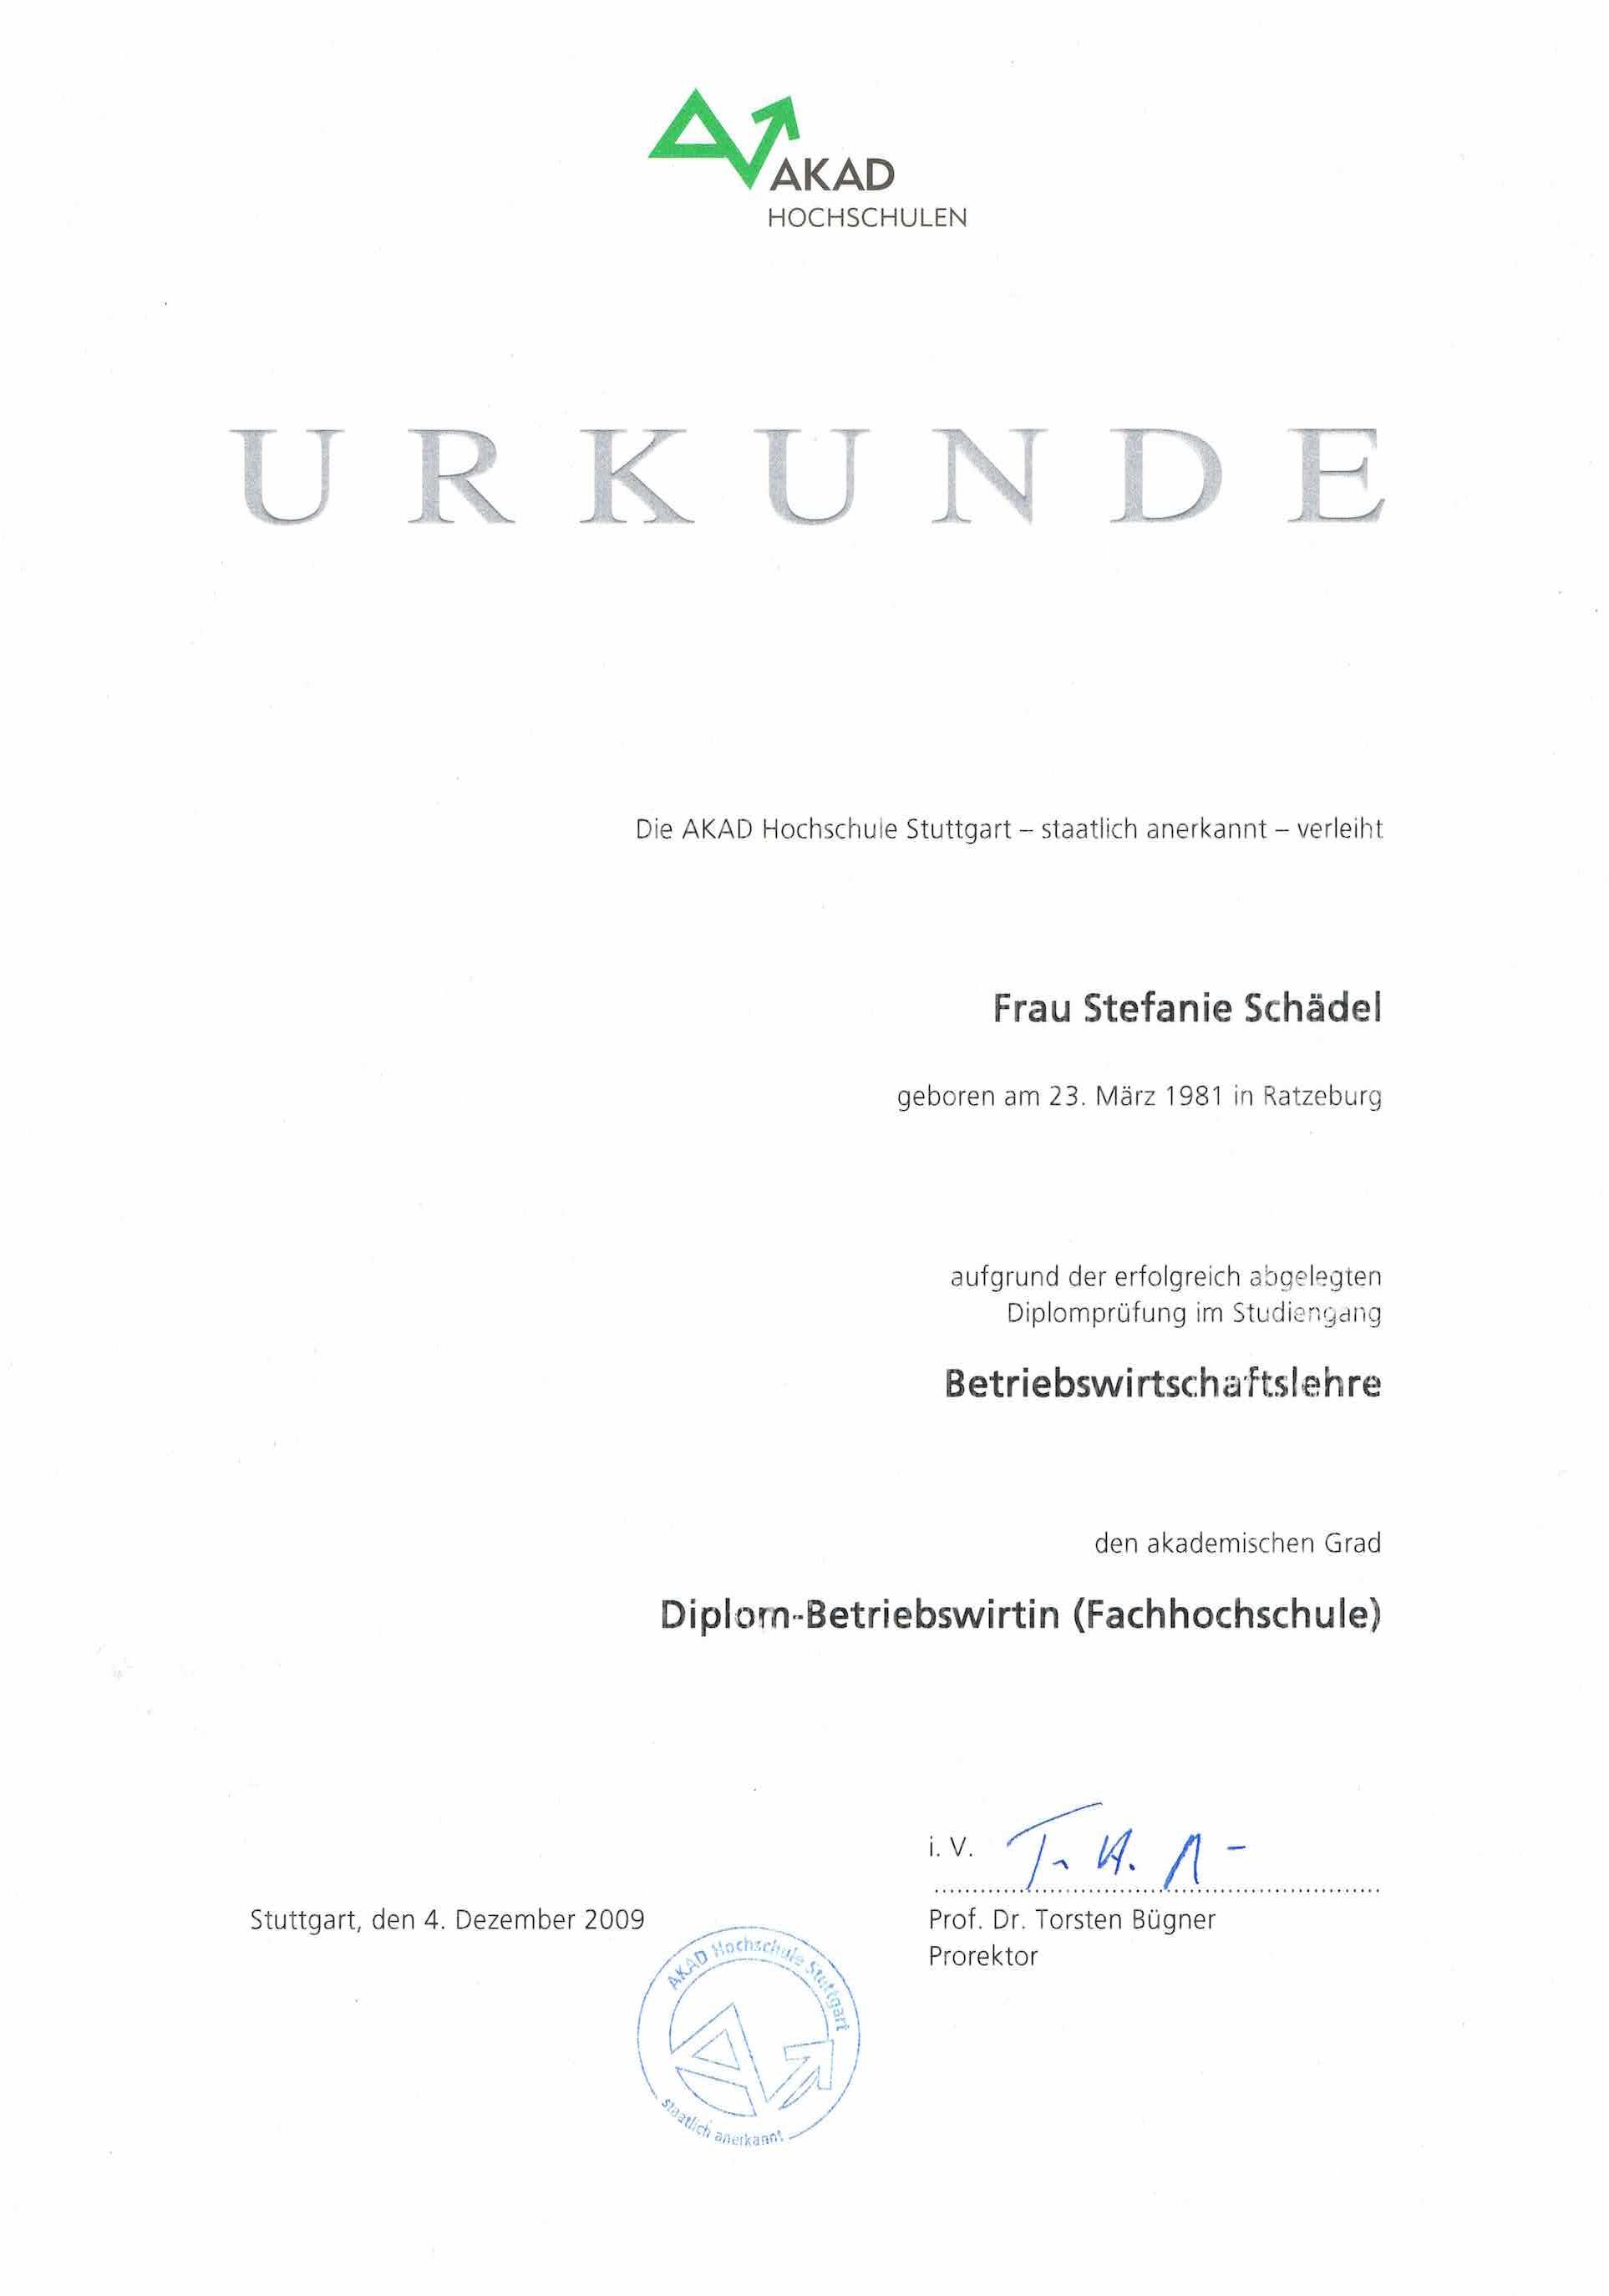 Diplom-Betriebswirtin FH